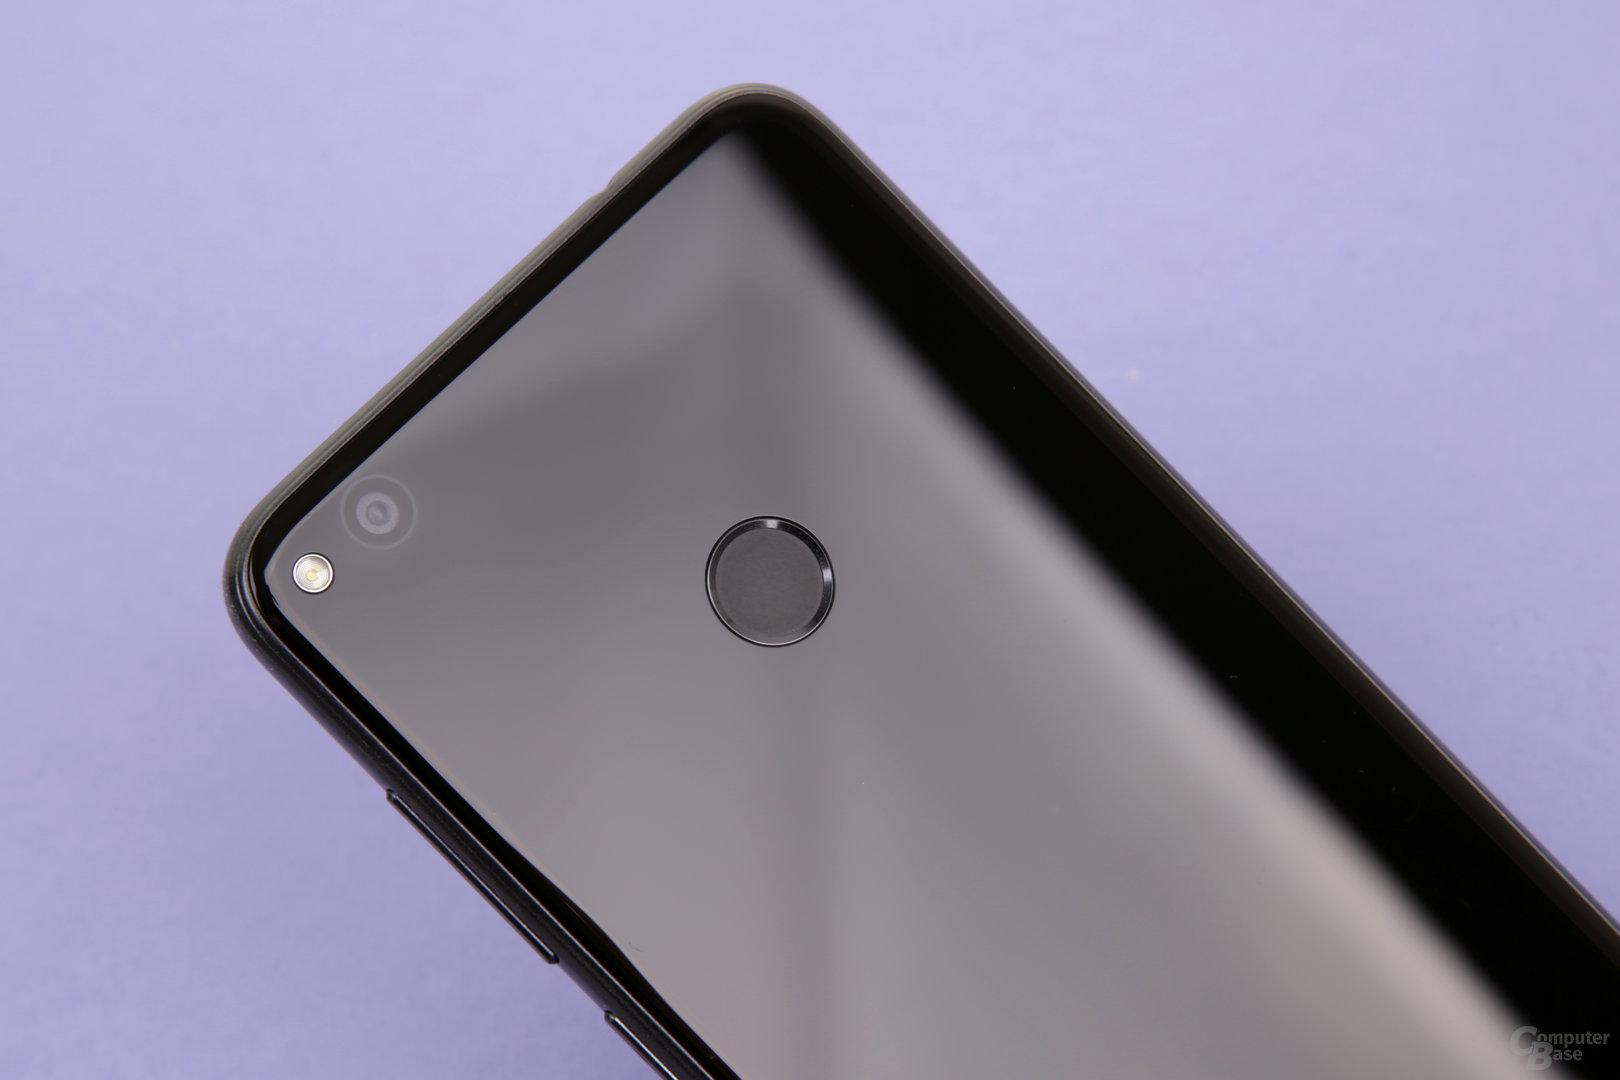 Huawei-typisch reagiert der Fingerabdrucksensor schnell und zuverlässig